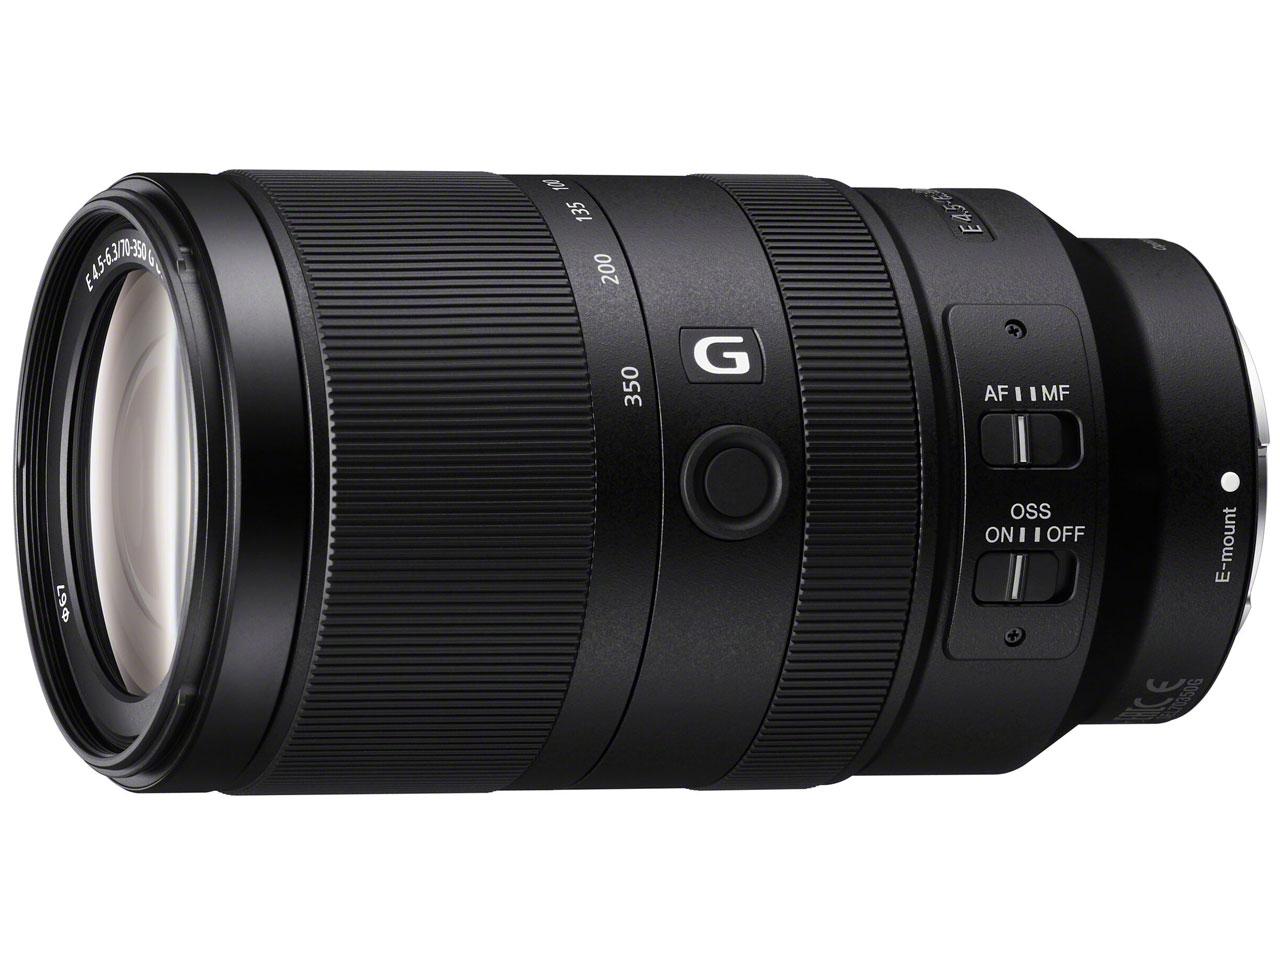 E 70-350mm F4.5-6.3 G OSS SEL70350G の製品画像